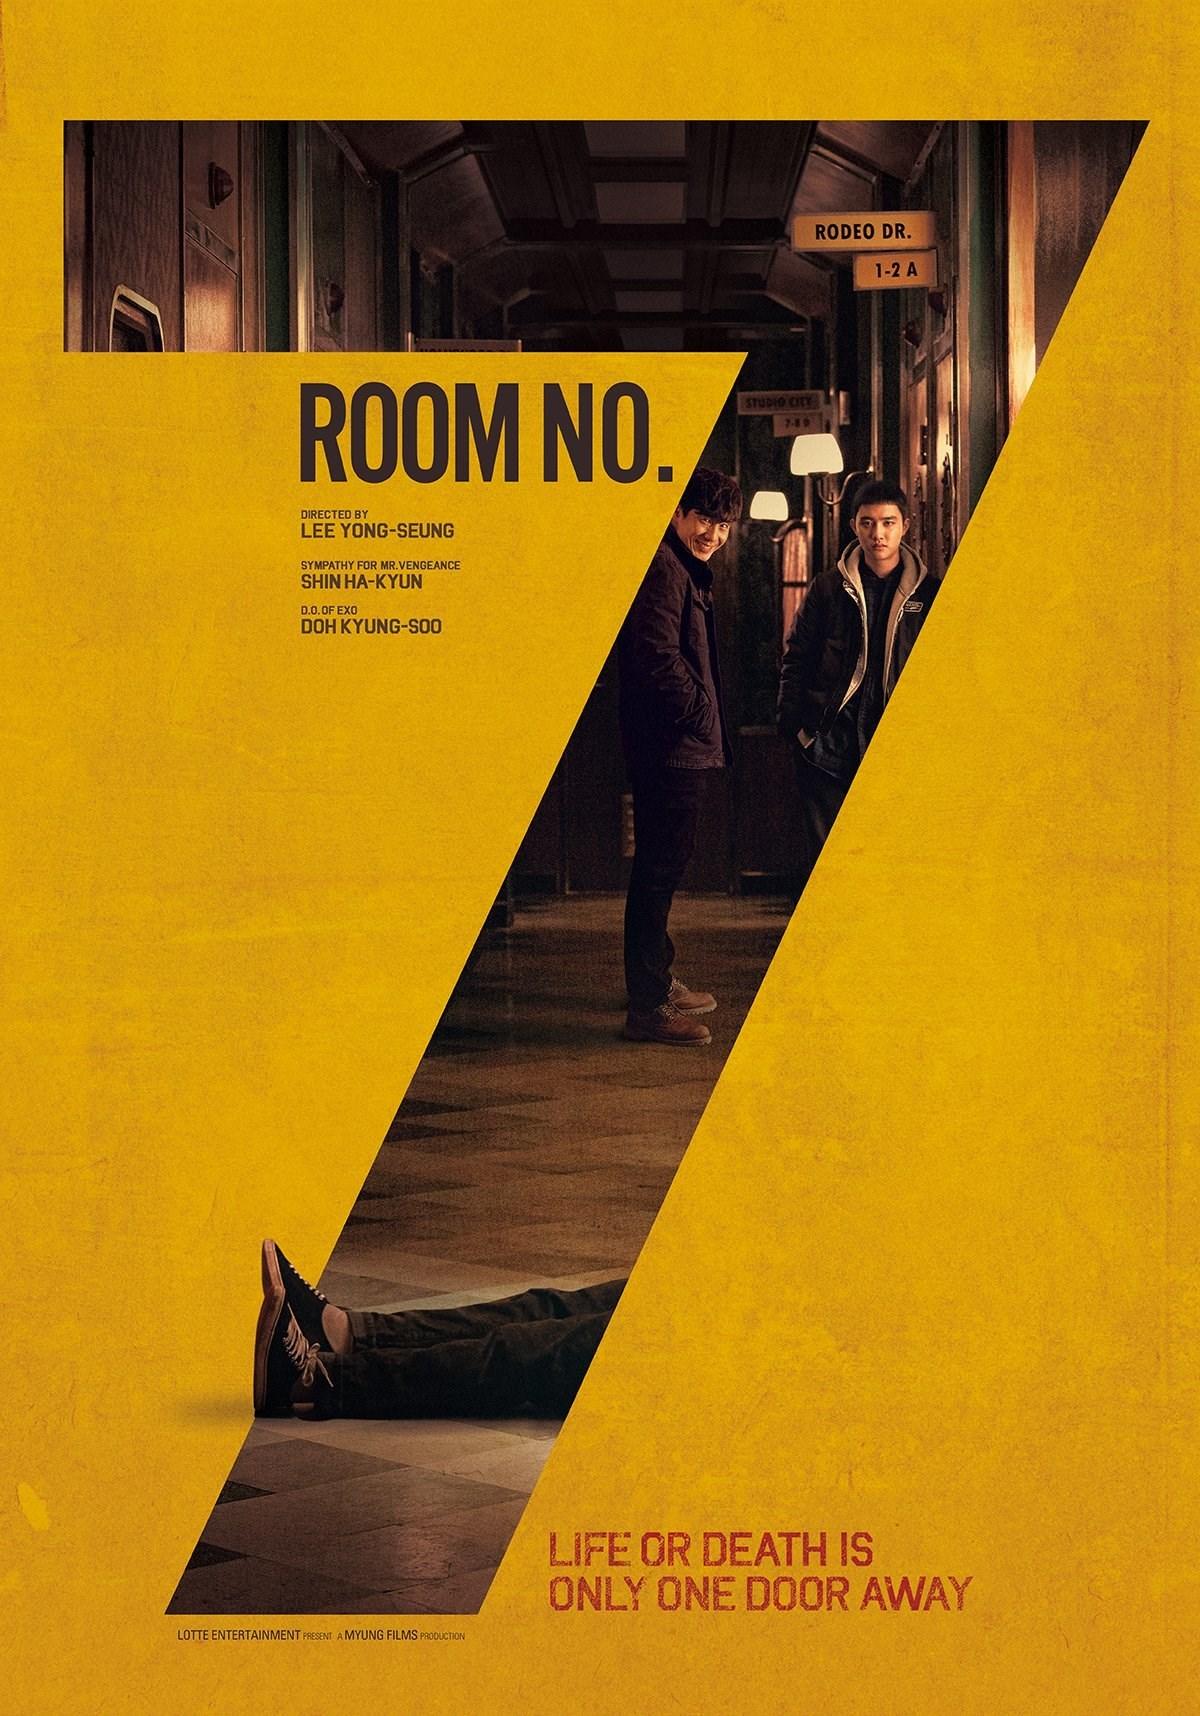 دانلود فیلم کره ای اتاق شماره 7 Room No.7 2018